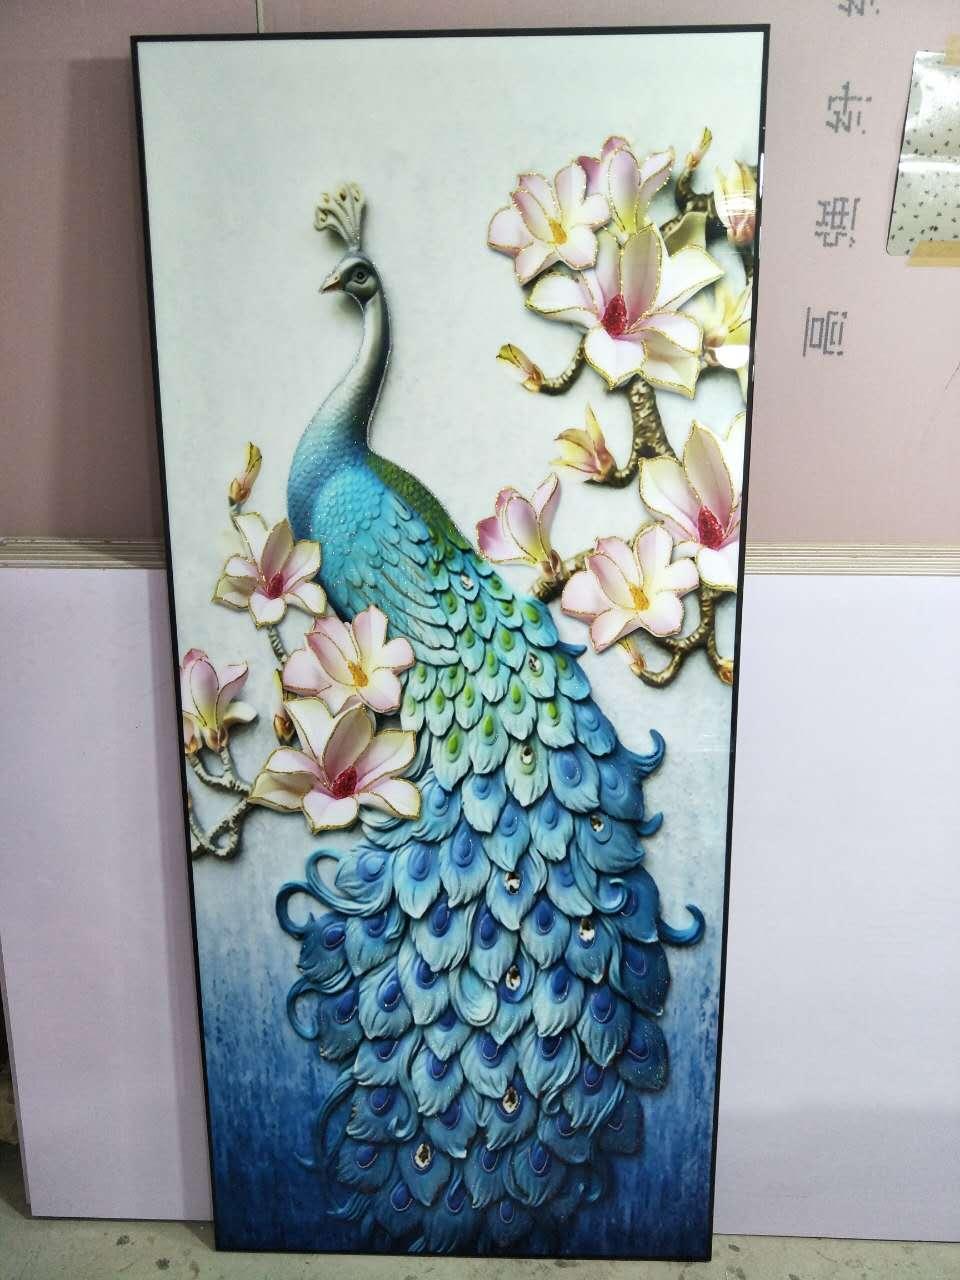 河北恒丰画业有限公司,坐落于河北沧州,是一个以开发,生产,销售现代装饰画、有框画、无框画、三联画、水晶画、牌匾等为主的企业,有着10多年的家饰行业从业经验,熟悉家居装饰的色彩风格流行趋势,我们有着专业的研发生产团队,能根据客户的审美和市场流行趋势快速准确提供个性化的优质作品!我们本着低价但不低廉,简约而不简单的经营理念给广大网络及实体经销商提供最优质的产品和服务,给您的不仅仅是一幅画,还有一个专业的艺术顾问团队,让广大经销商能够在销售时更自信的迎接消费者挑剔的眼光,使您的竞争优势达到最大化!河北恒丰画业有